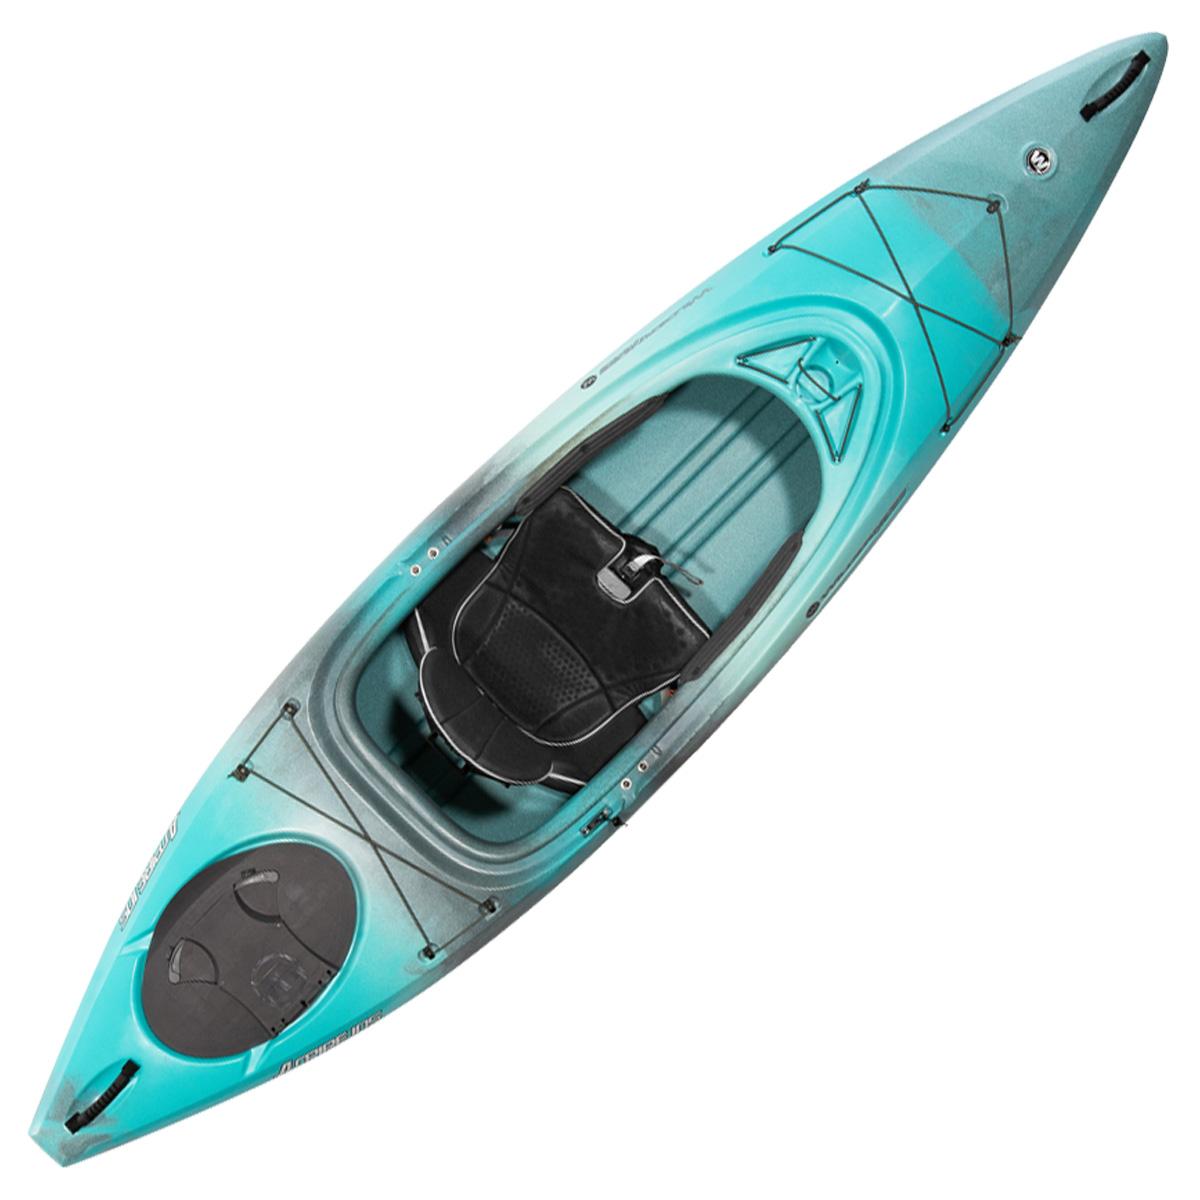 Wilderness Systems Aspire 105 Recreational Kayak Breeze Blue